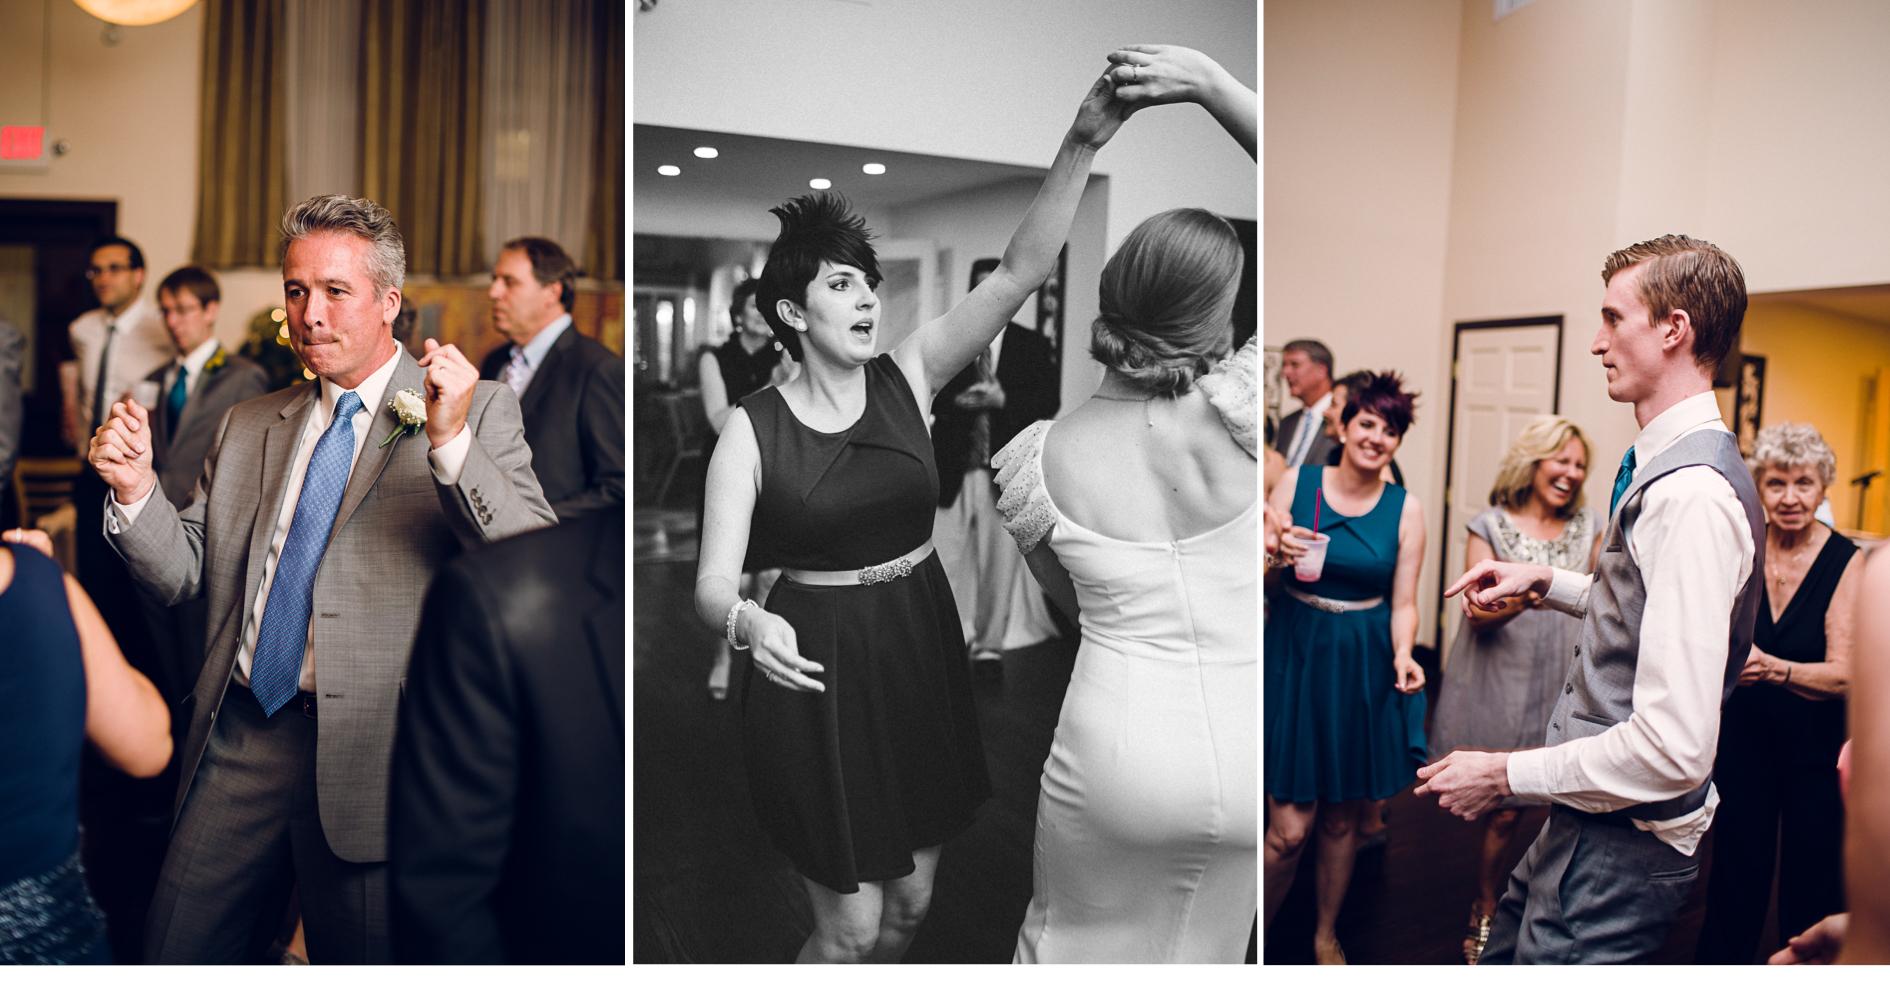 Bride Dancing at Reception